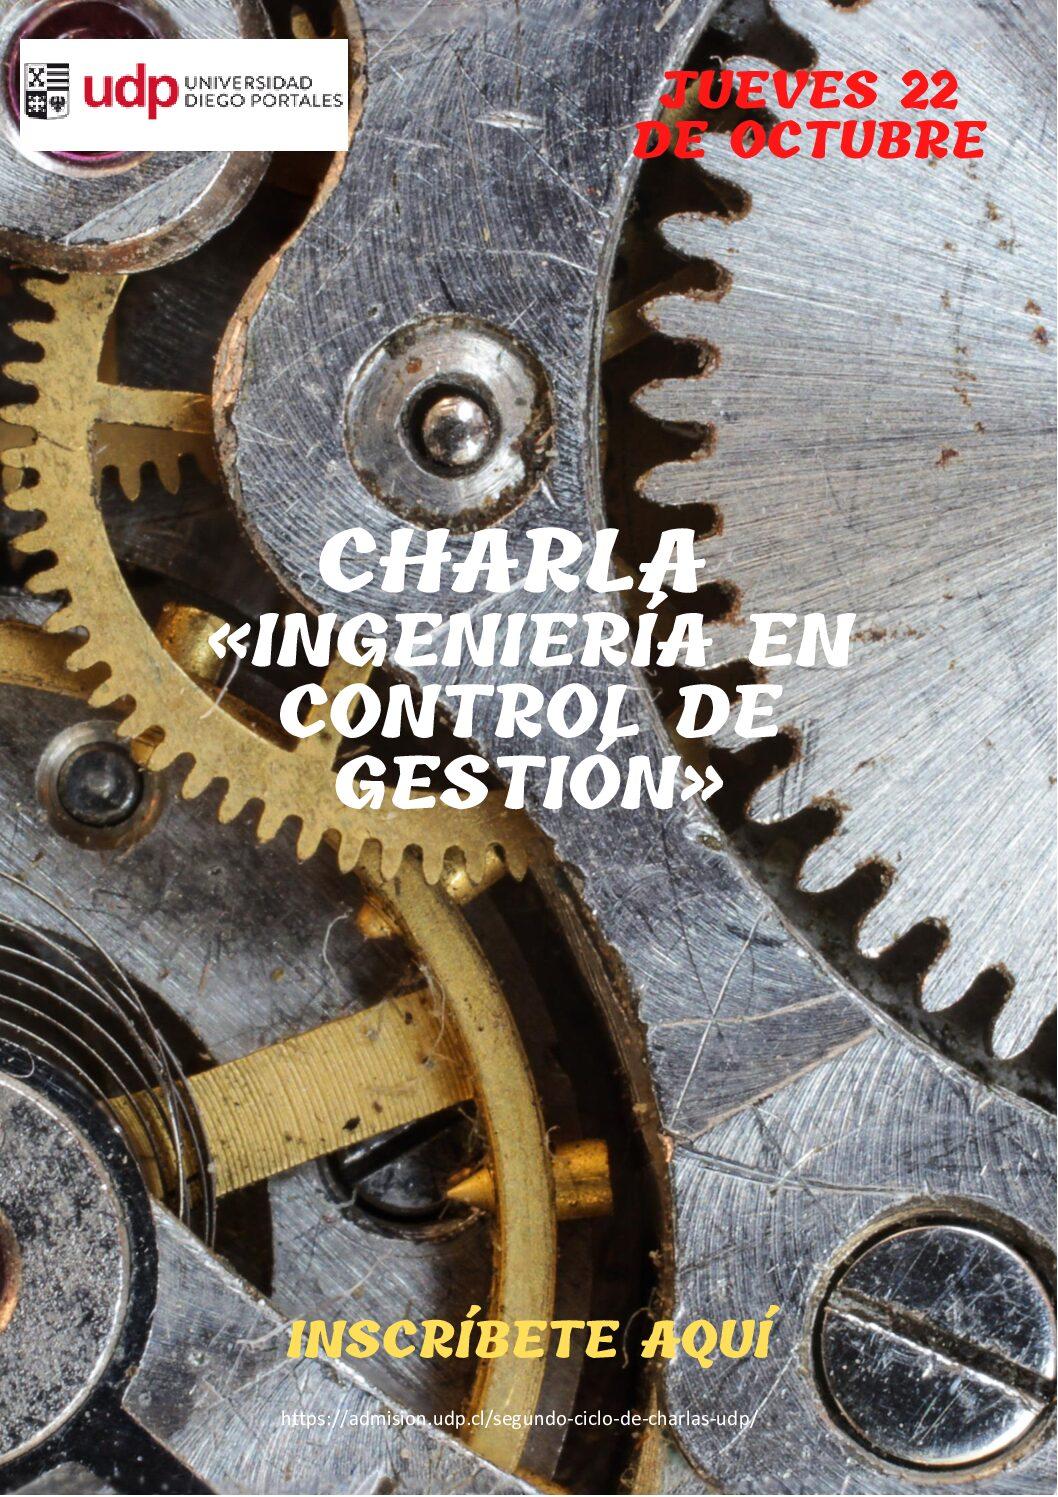 Charla Ingeniería en Control de Gestión